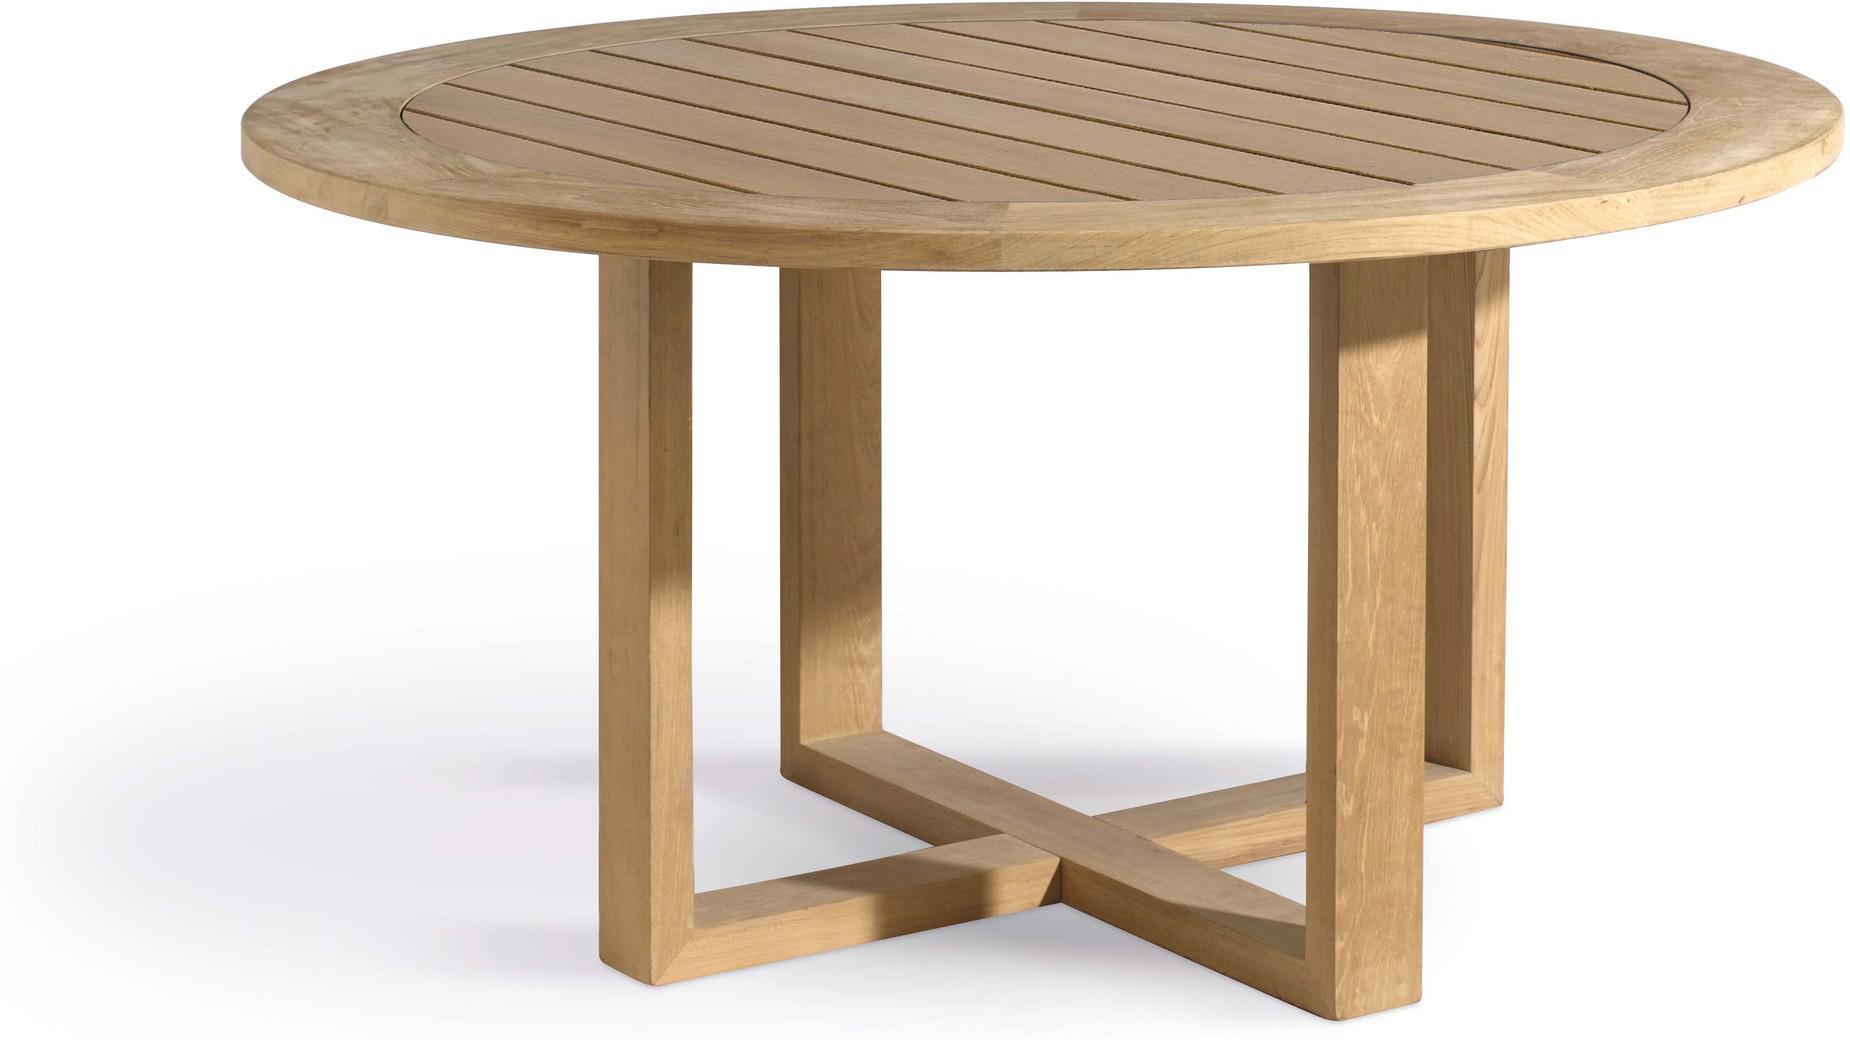 Siena Dining table - Teak - Teak 155